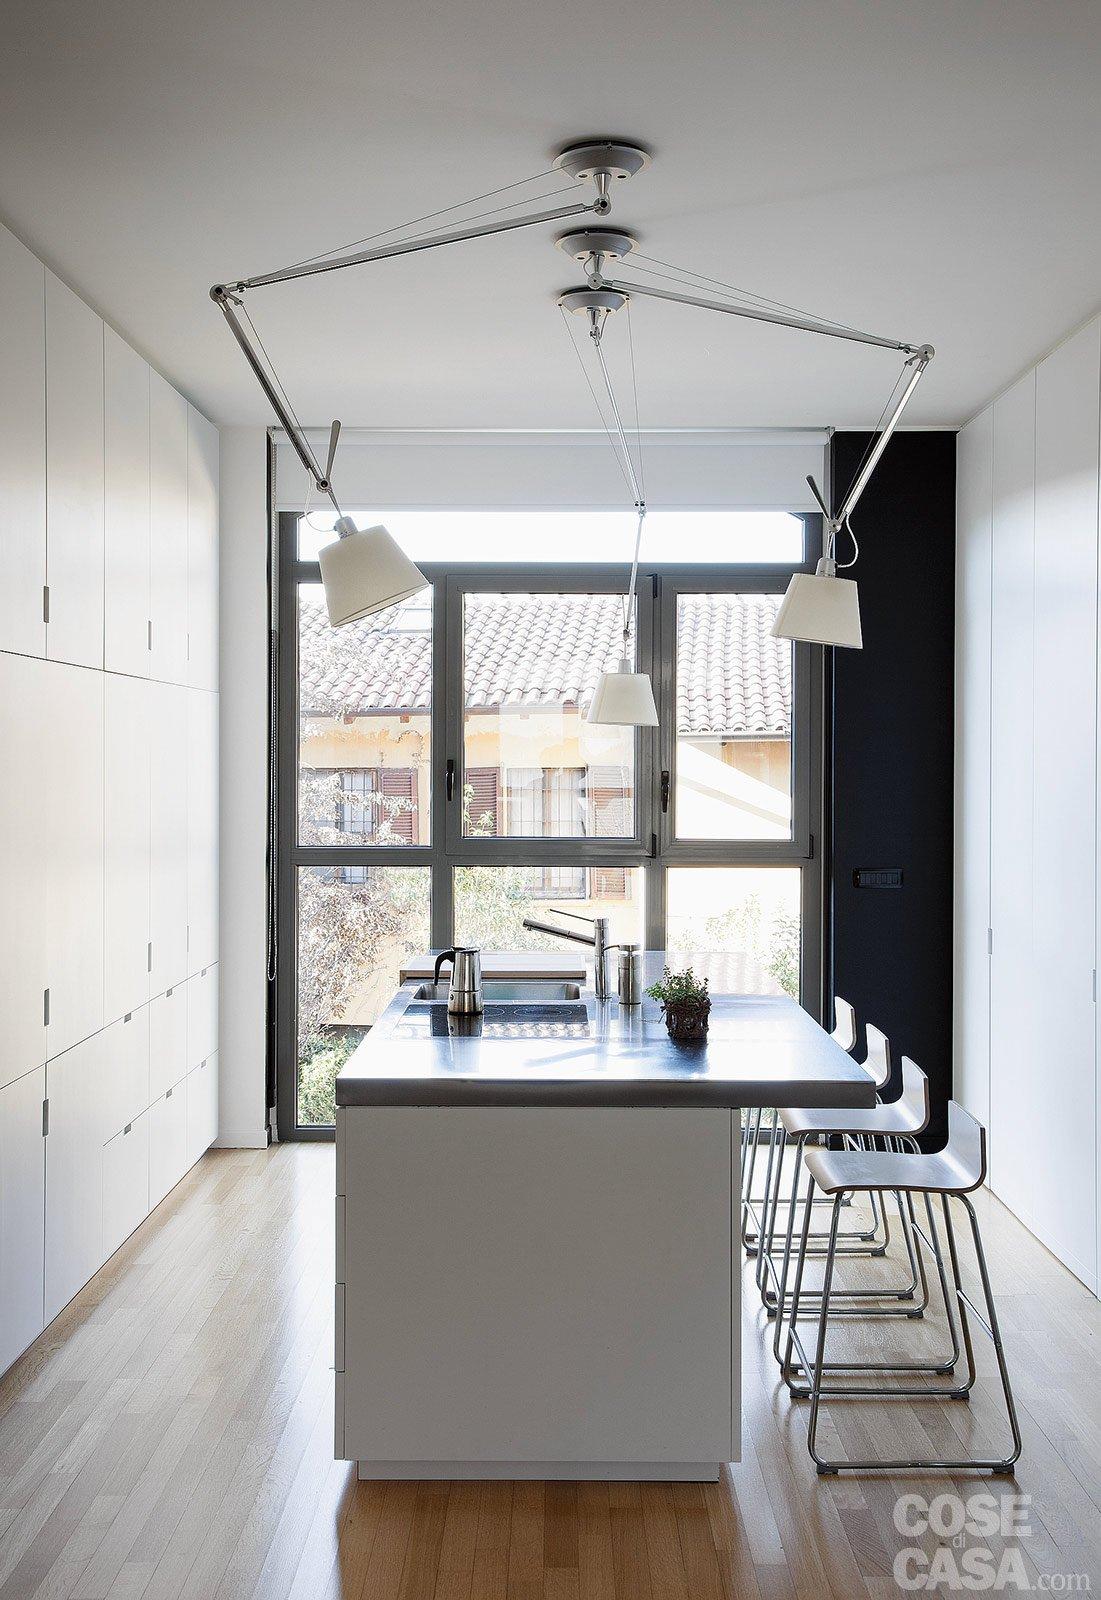 Dipingere parete camera da letto - Ikea mobili cucina dispensa ...